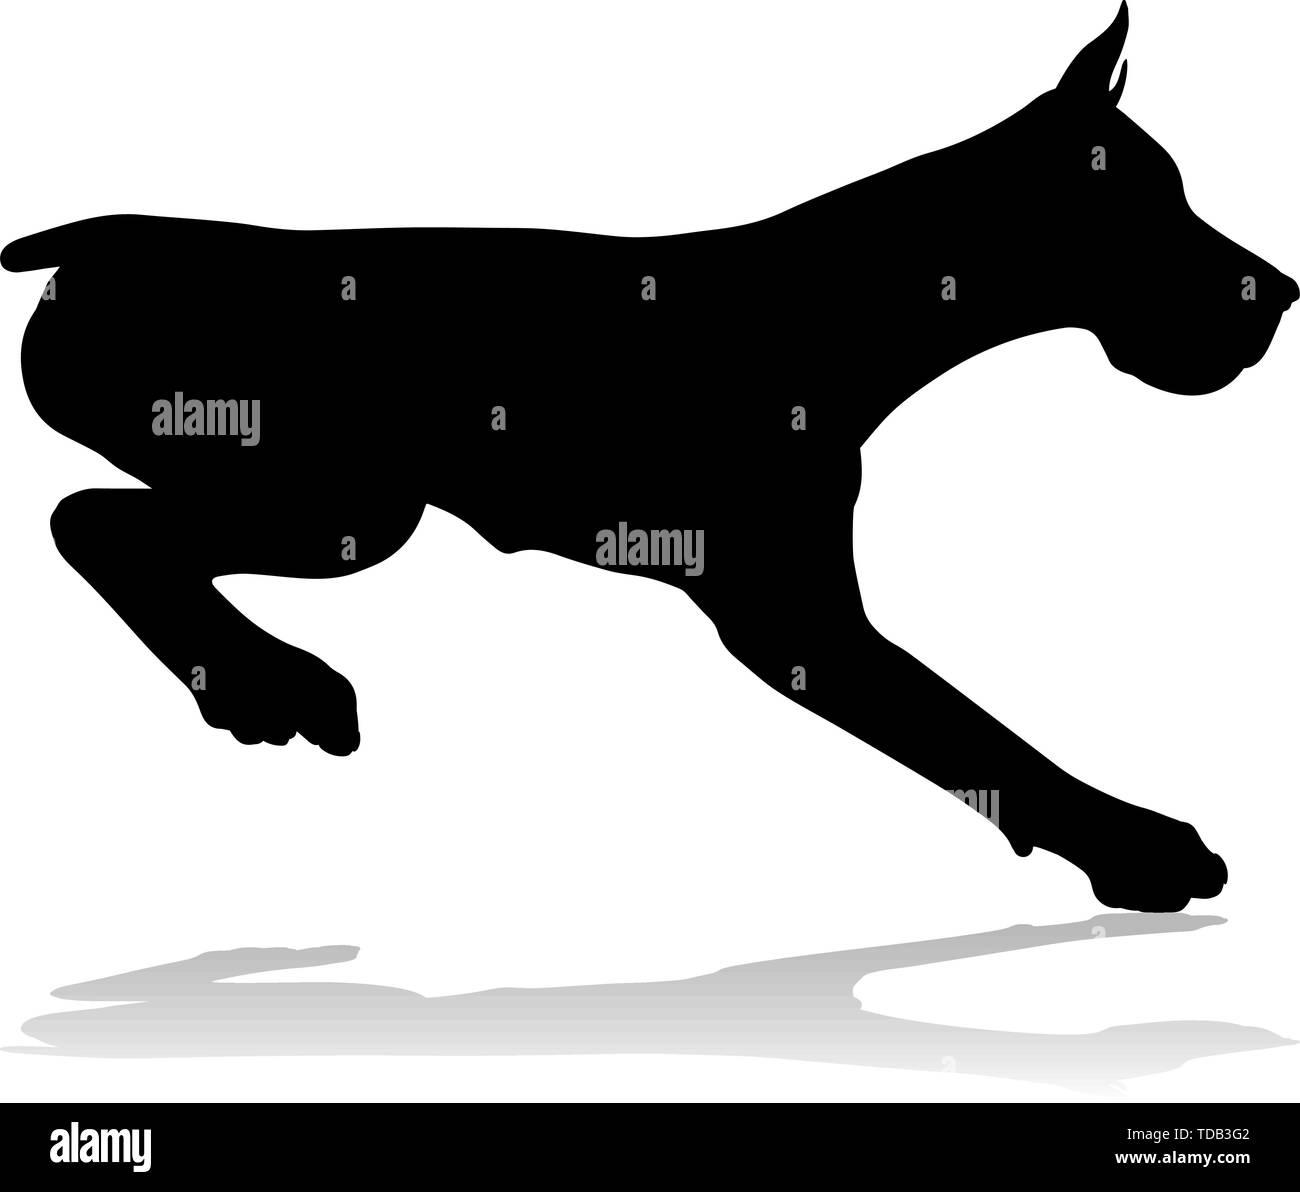 Dog Silhouette Pet Animal - Stock Image